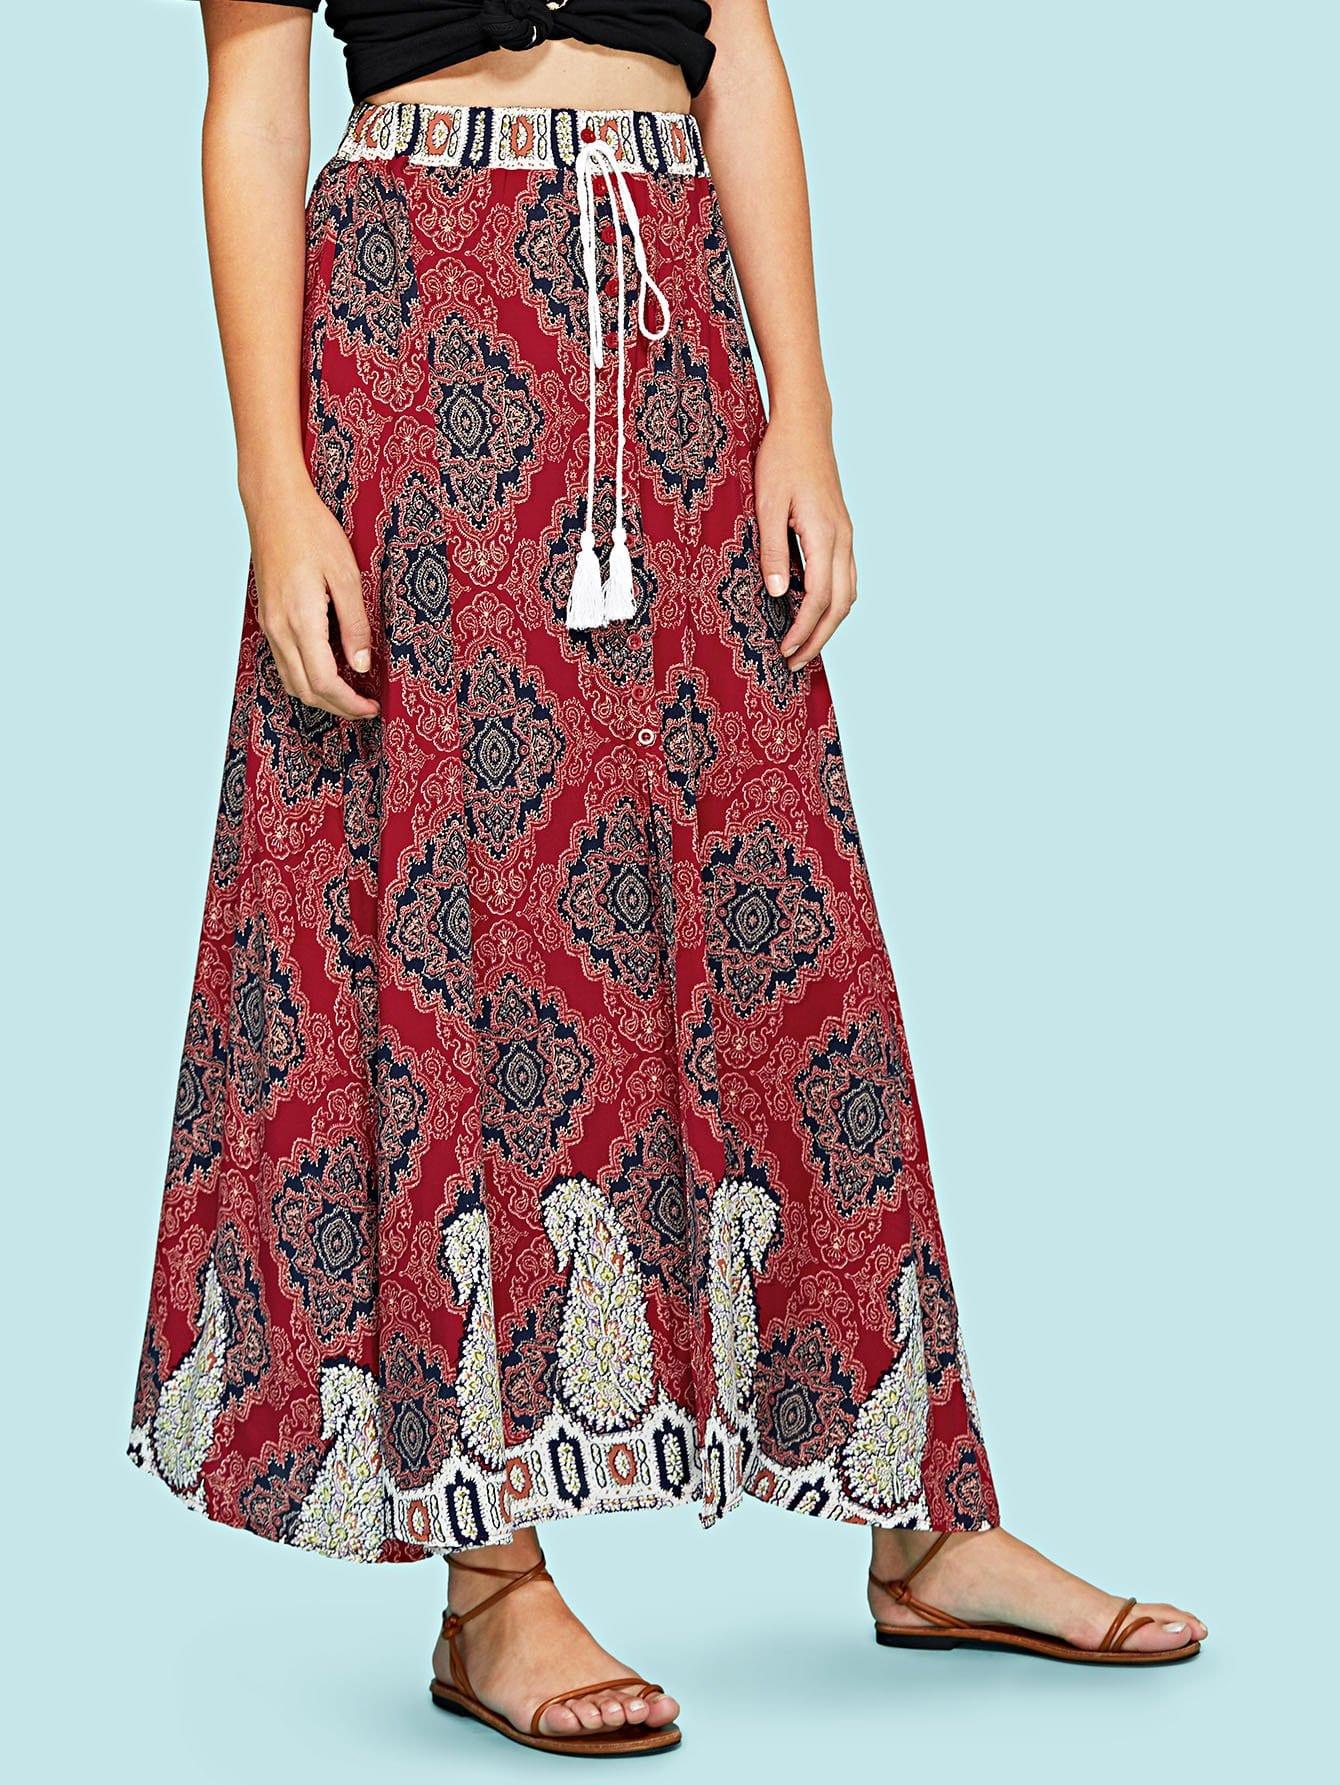 Ornate Print Drawstring Skirt ornate print textured skirt